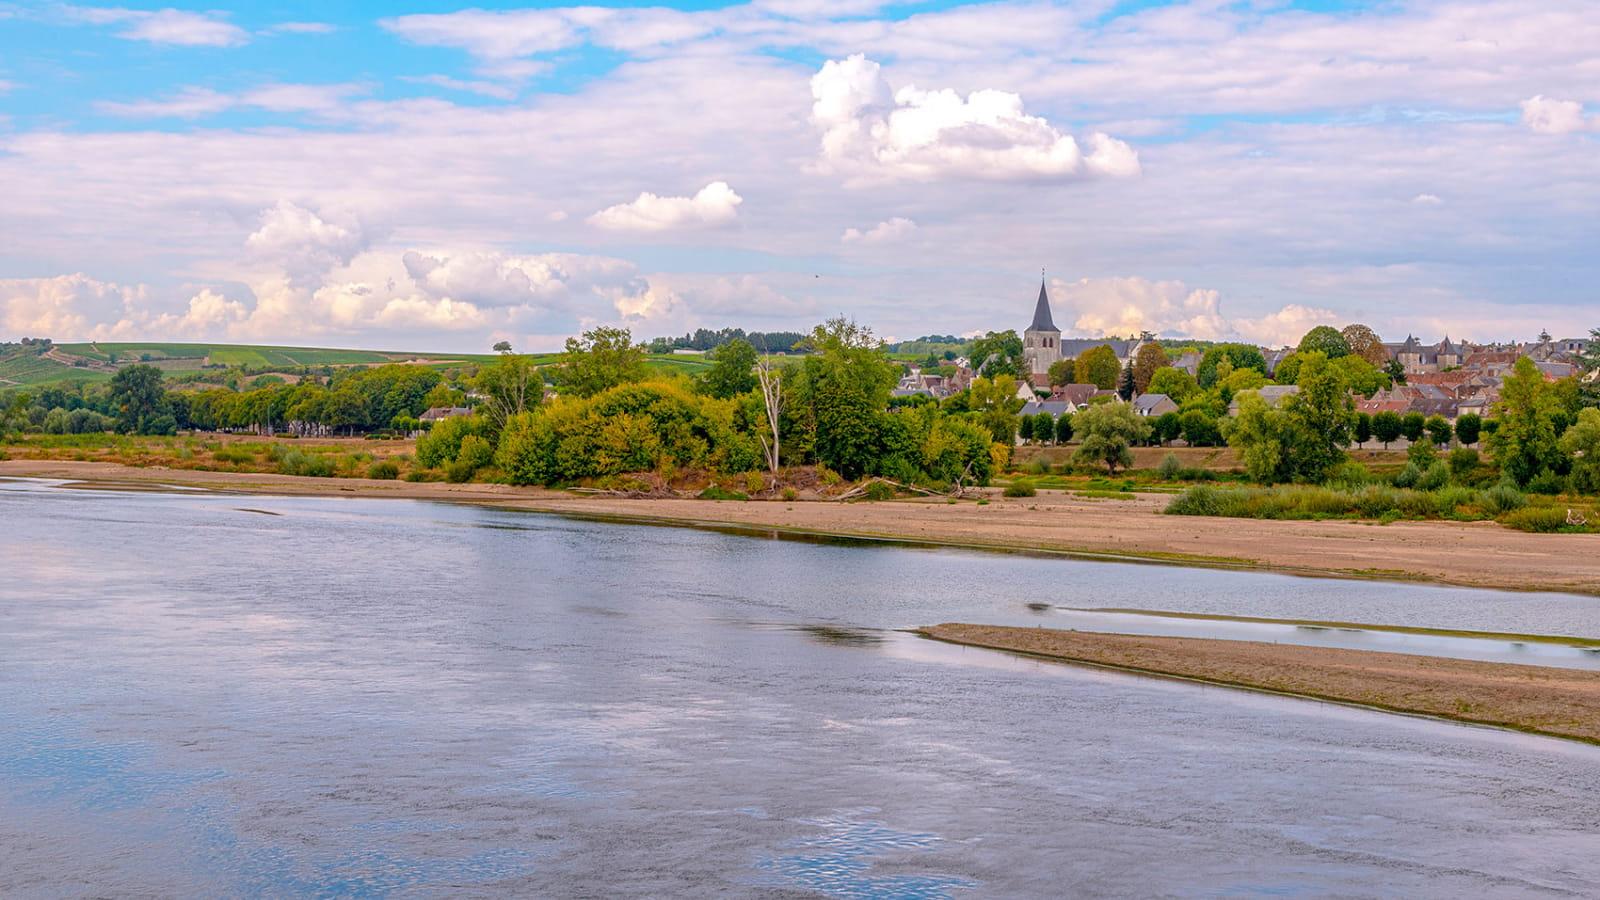 Vue sur le village de Pouilly-sur-Loire depuis les bords de Loire